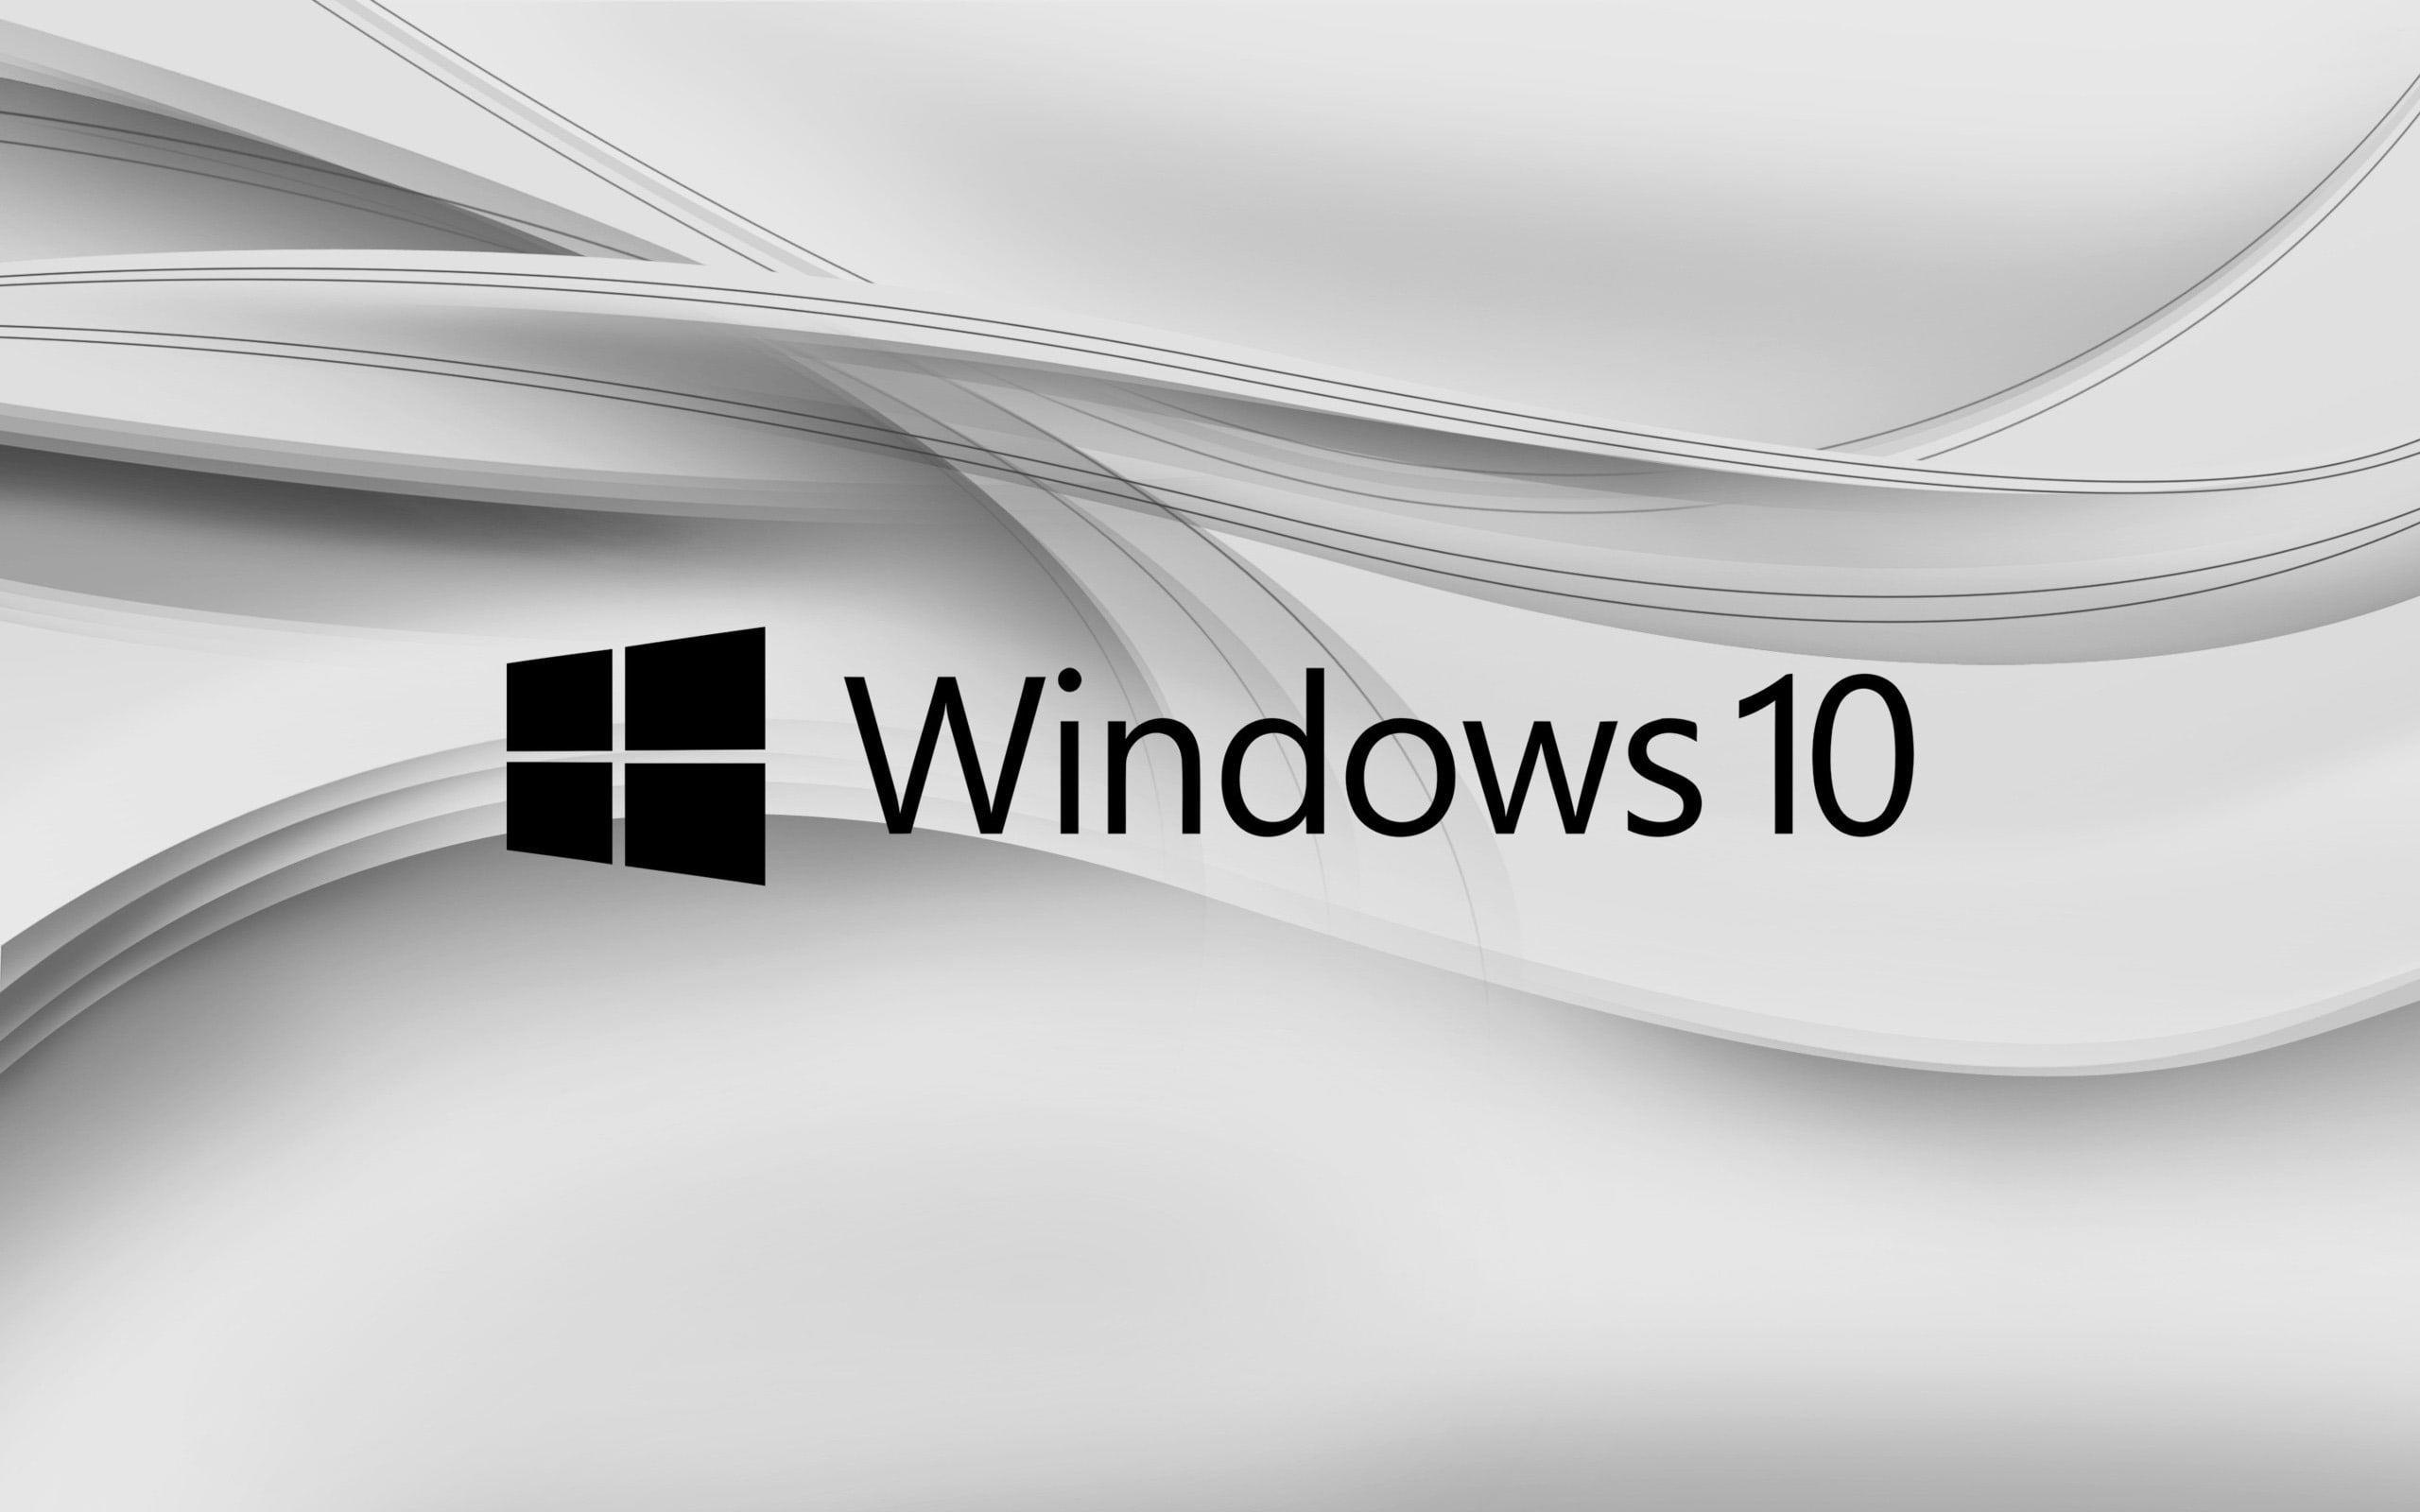 Windows 10 Hd Theme Desktop Wallpaper 21 Microsoft Windows 10 Os 2k Wallpaper Hdwallpaper Des In 2020 Wallpaper Windows 10 Windows Wallpaper Windows 10 Background